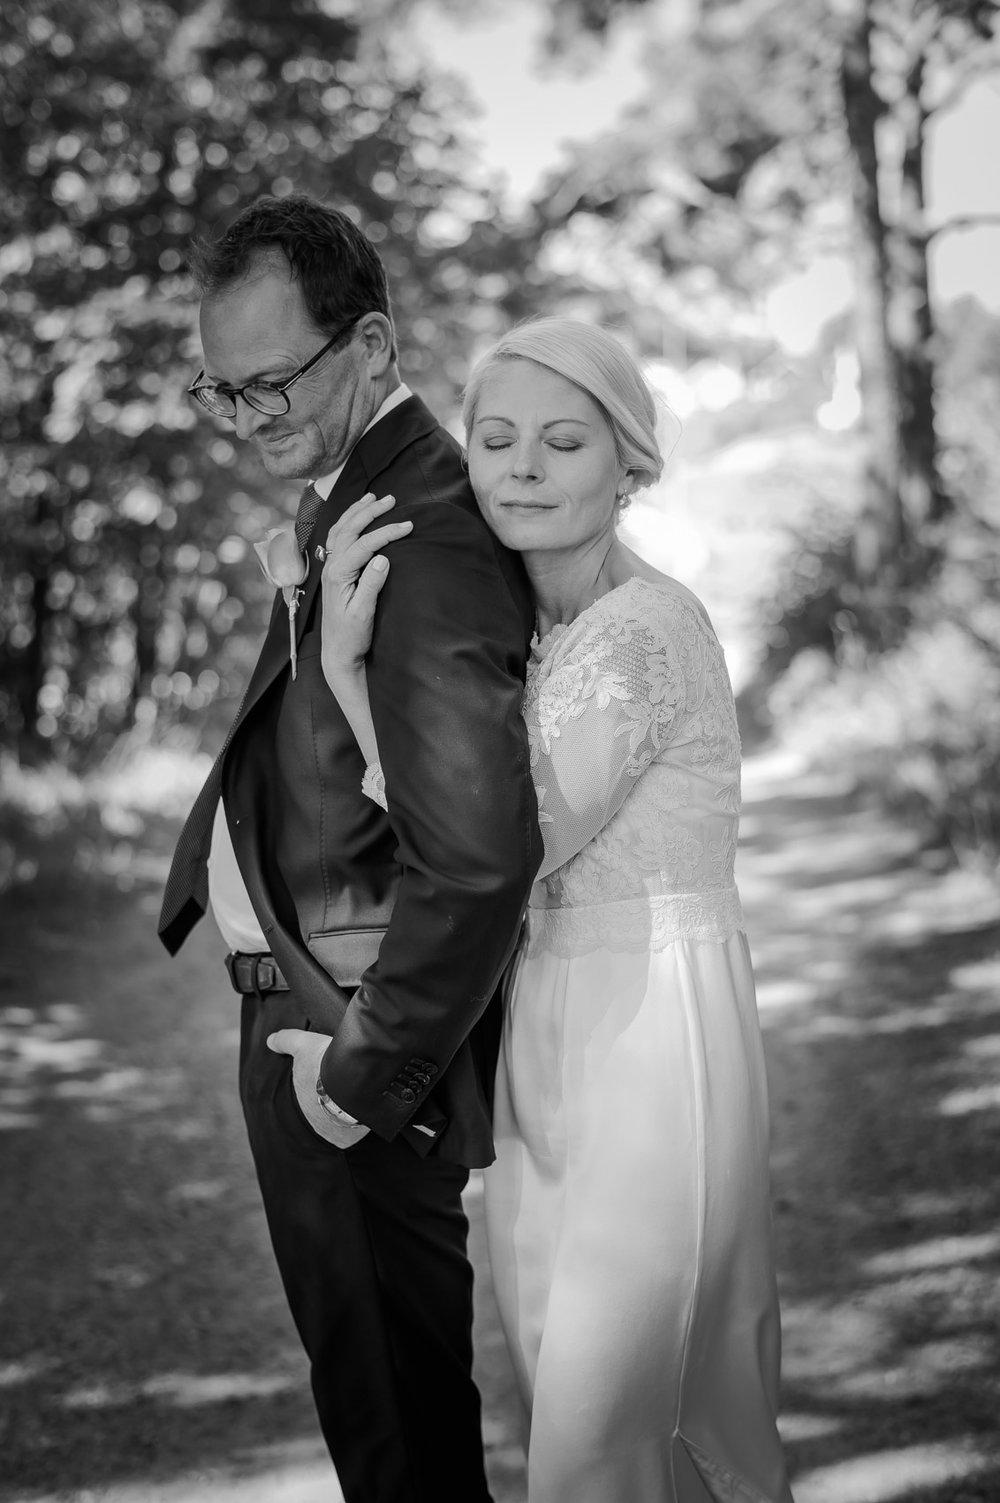 bryllup-fotograf-tønsberg-bryllupsfotograf-langesund bad-57.jpg